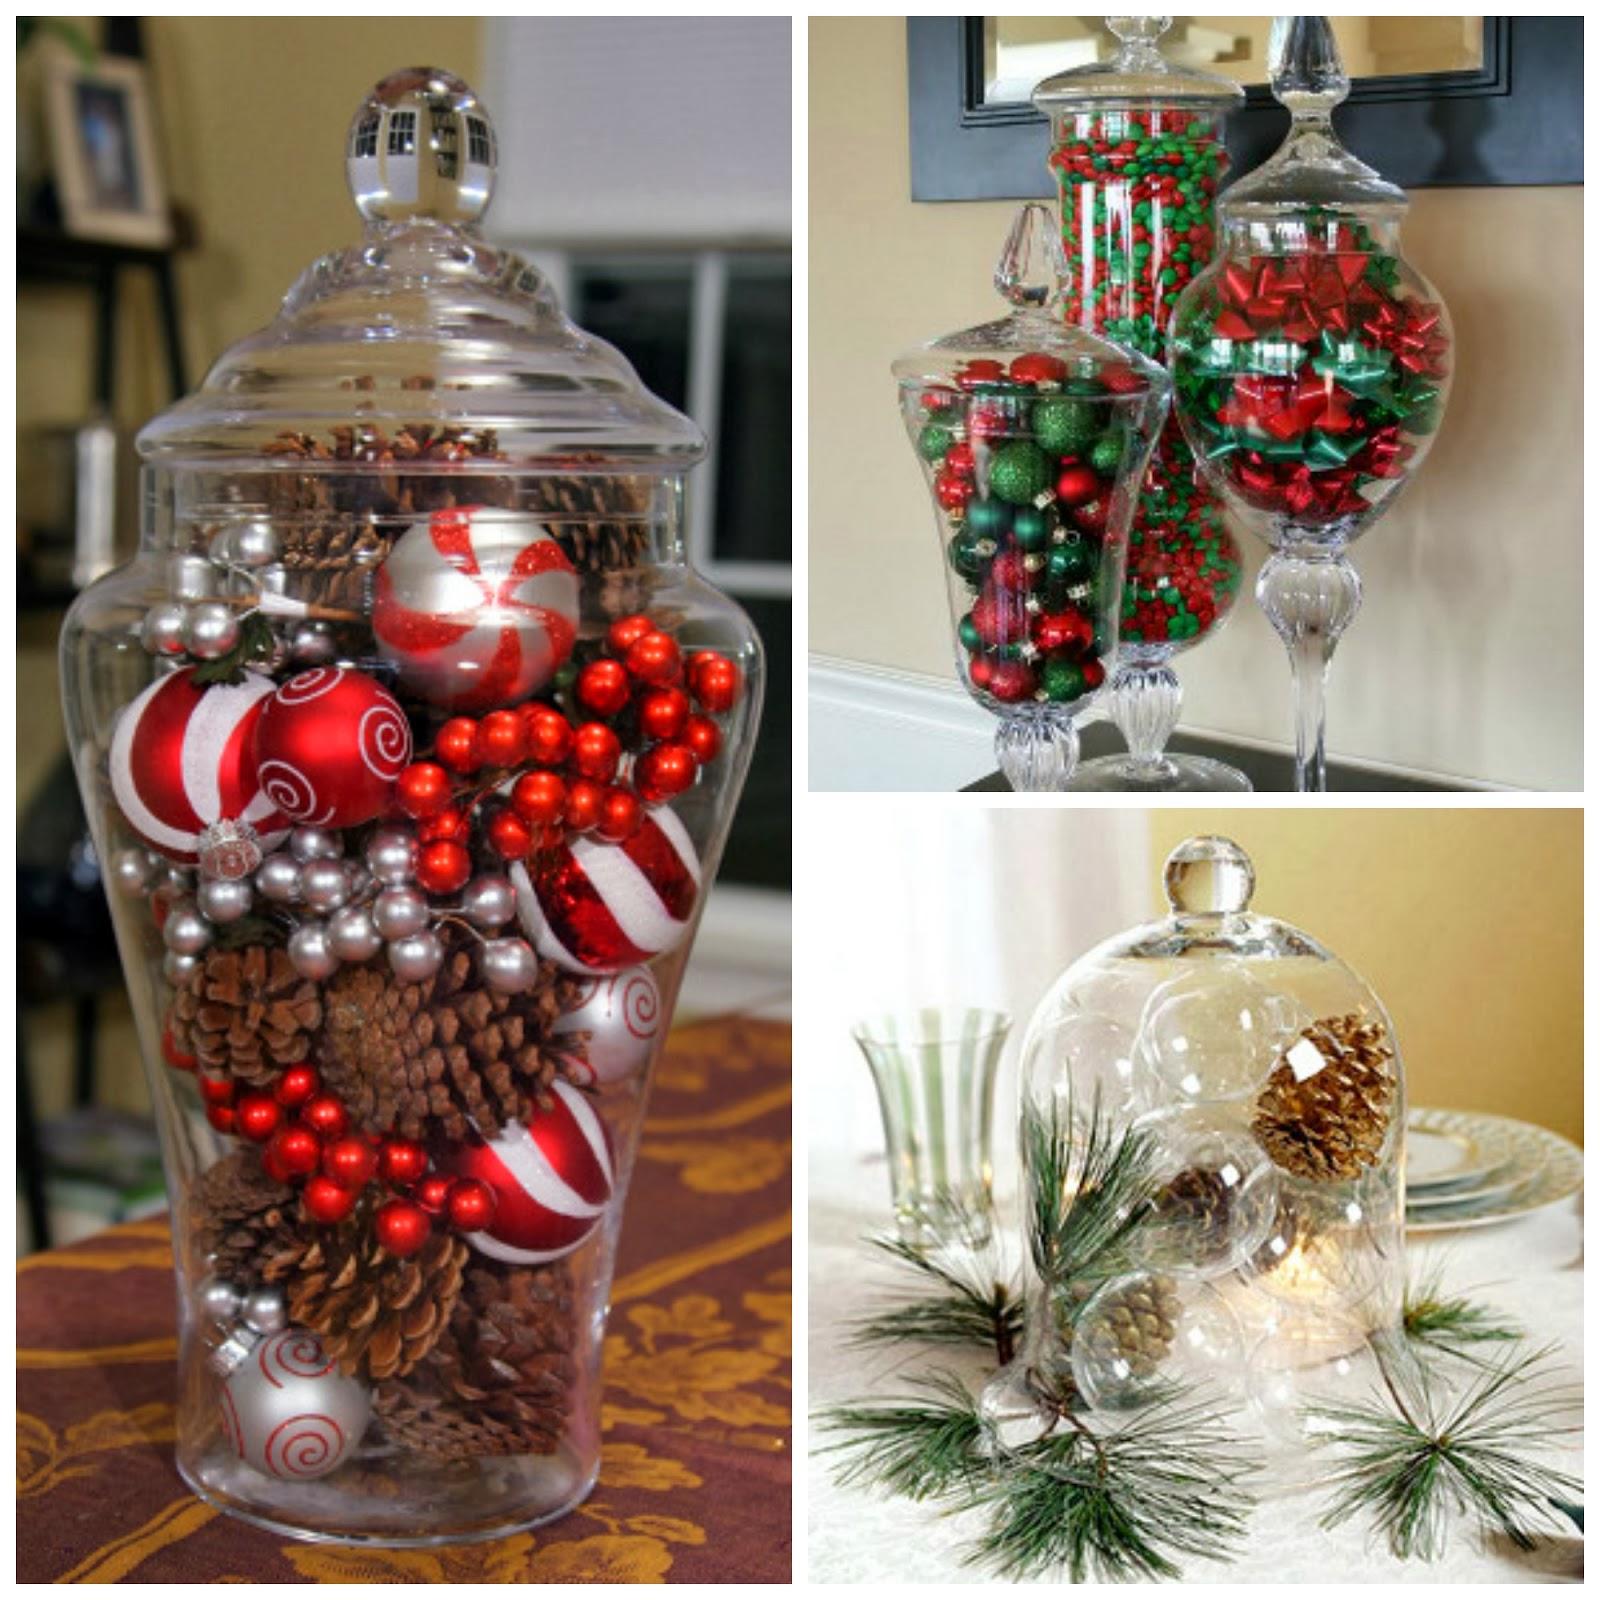 Alquiler de apartamentos y locales c mo decorar tu casa - Como adornar en navidad ...